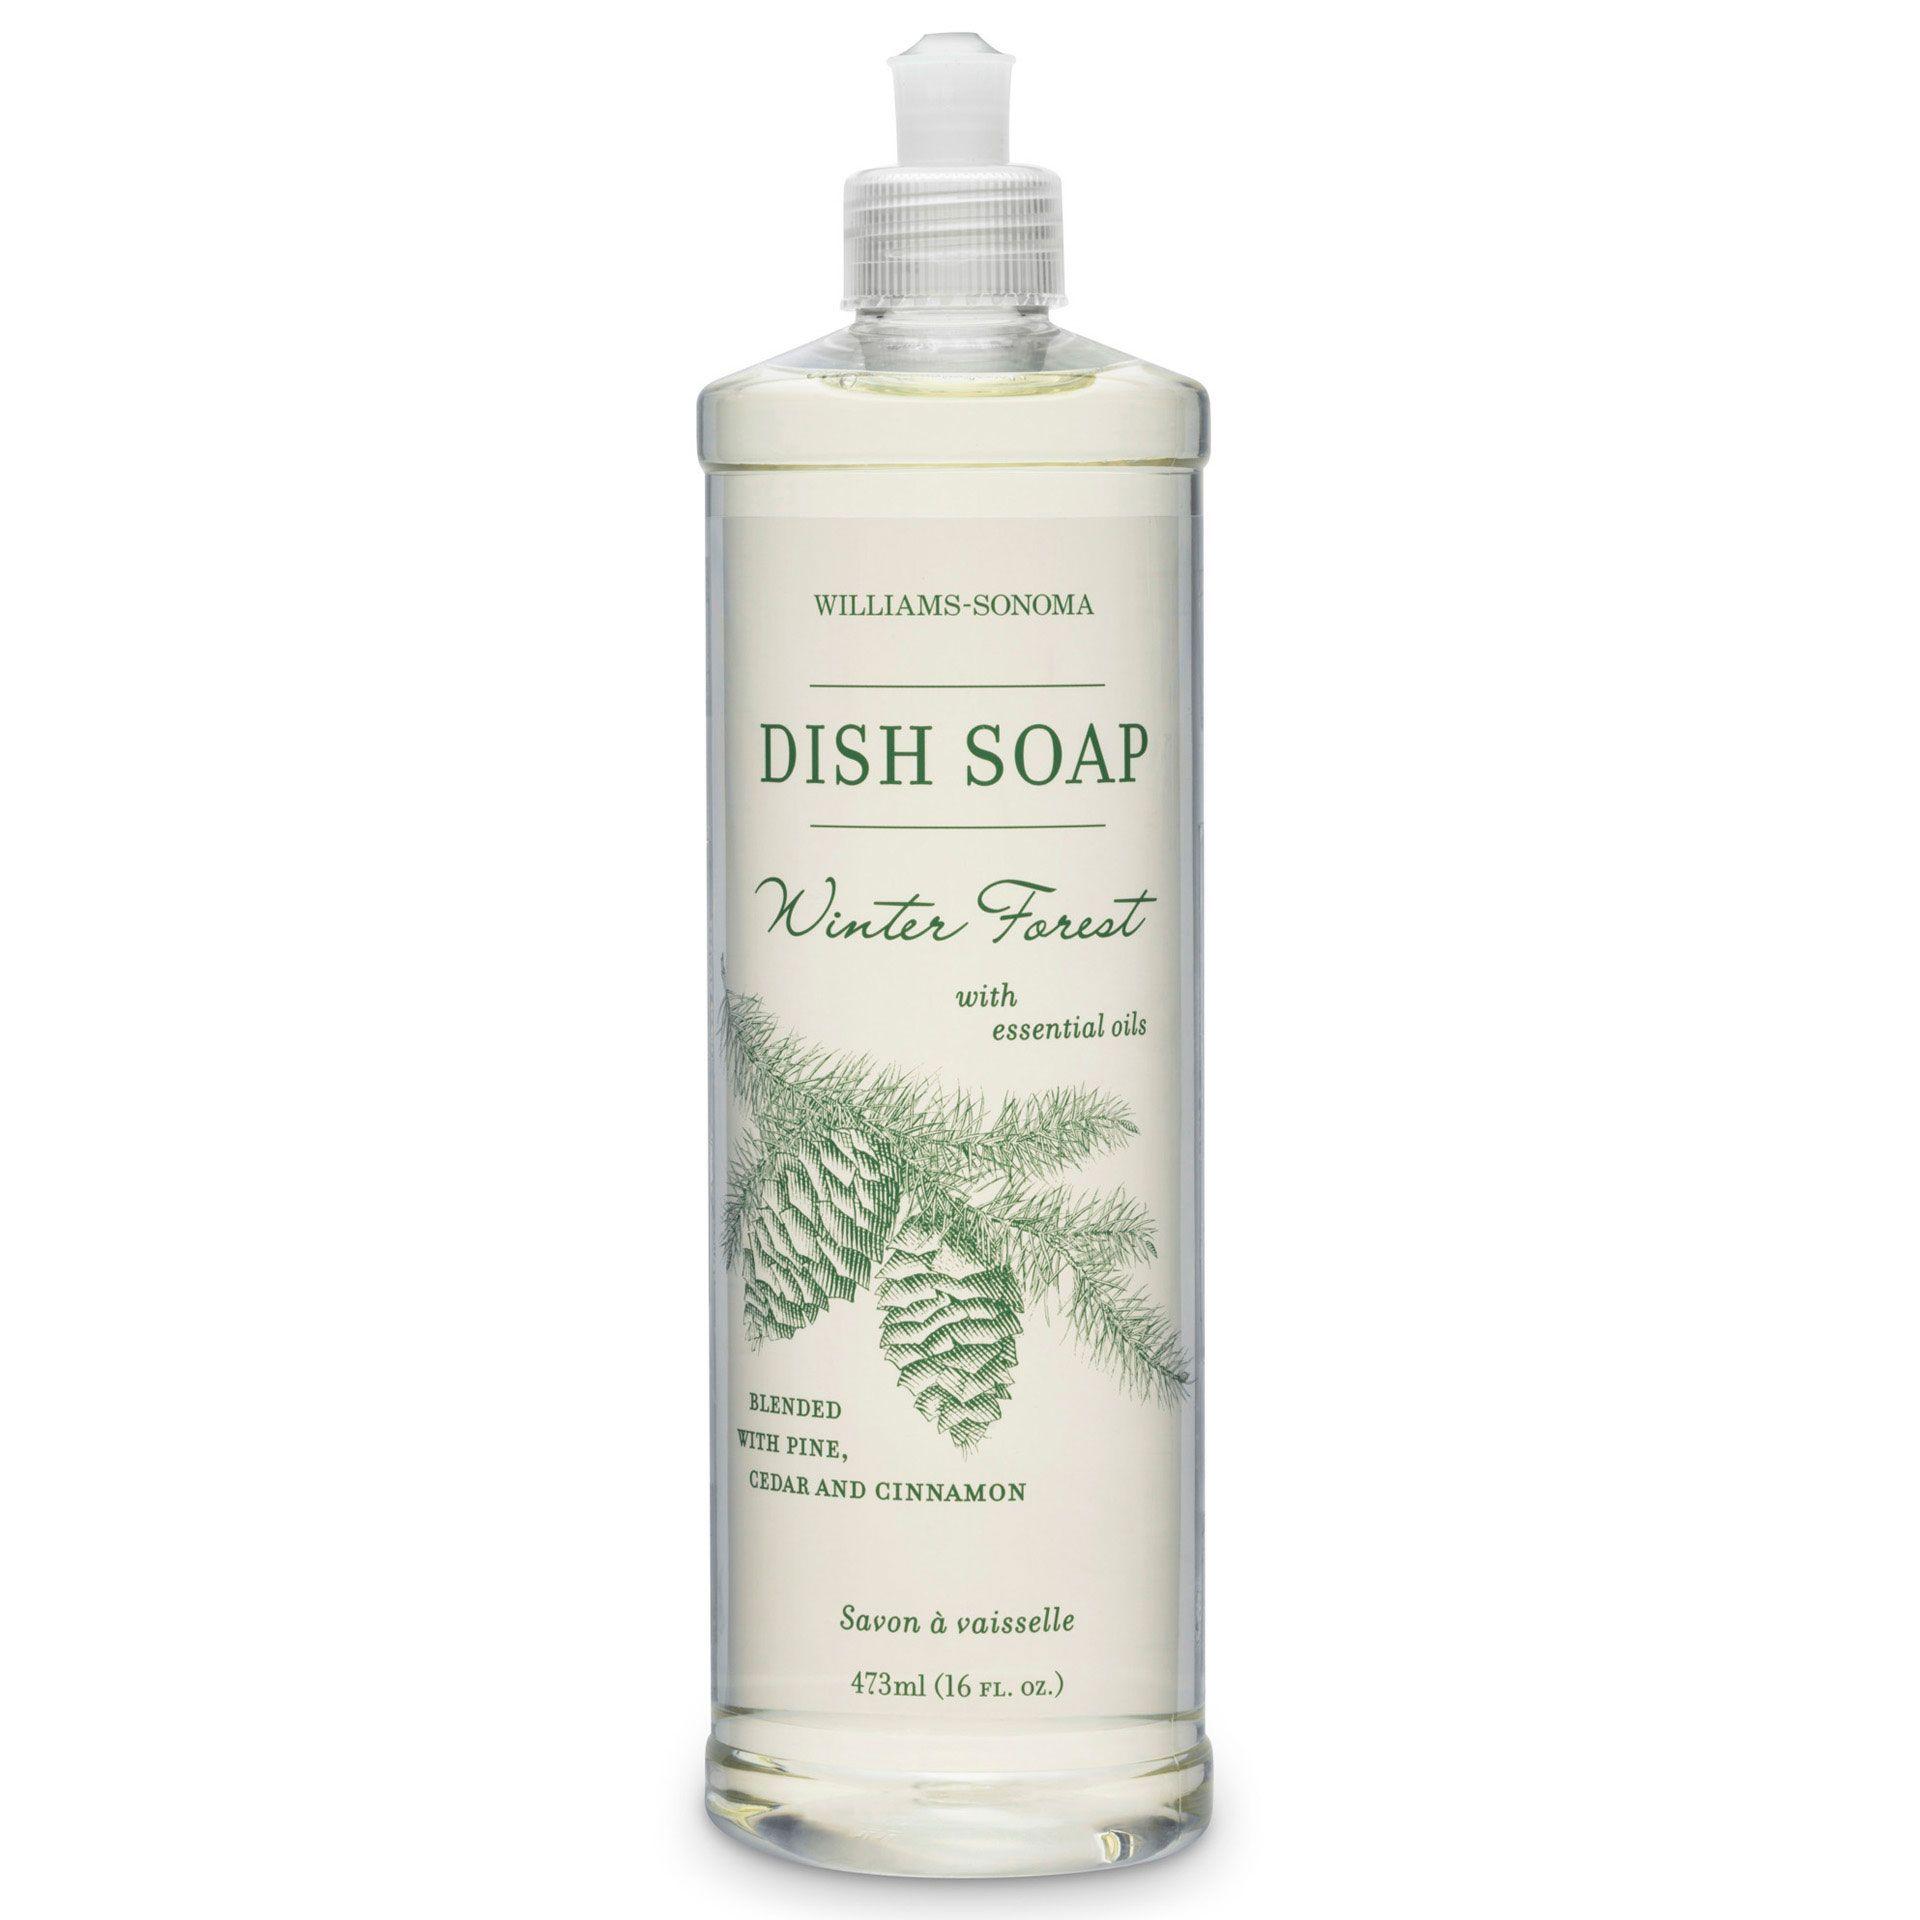 Williams Sonoma Dish Soap Review